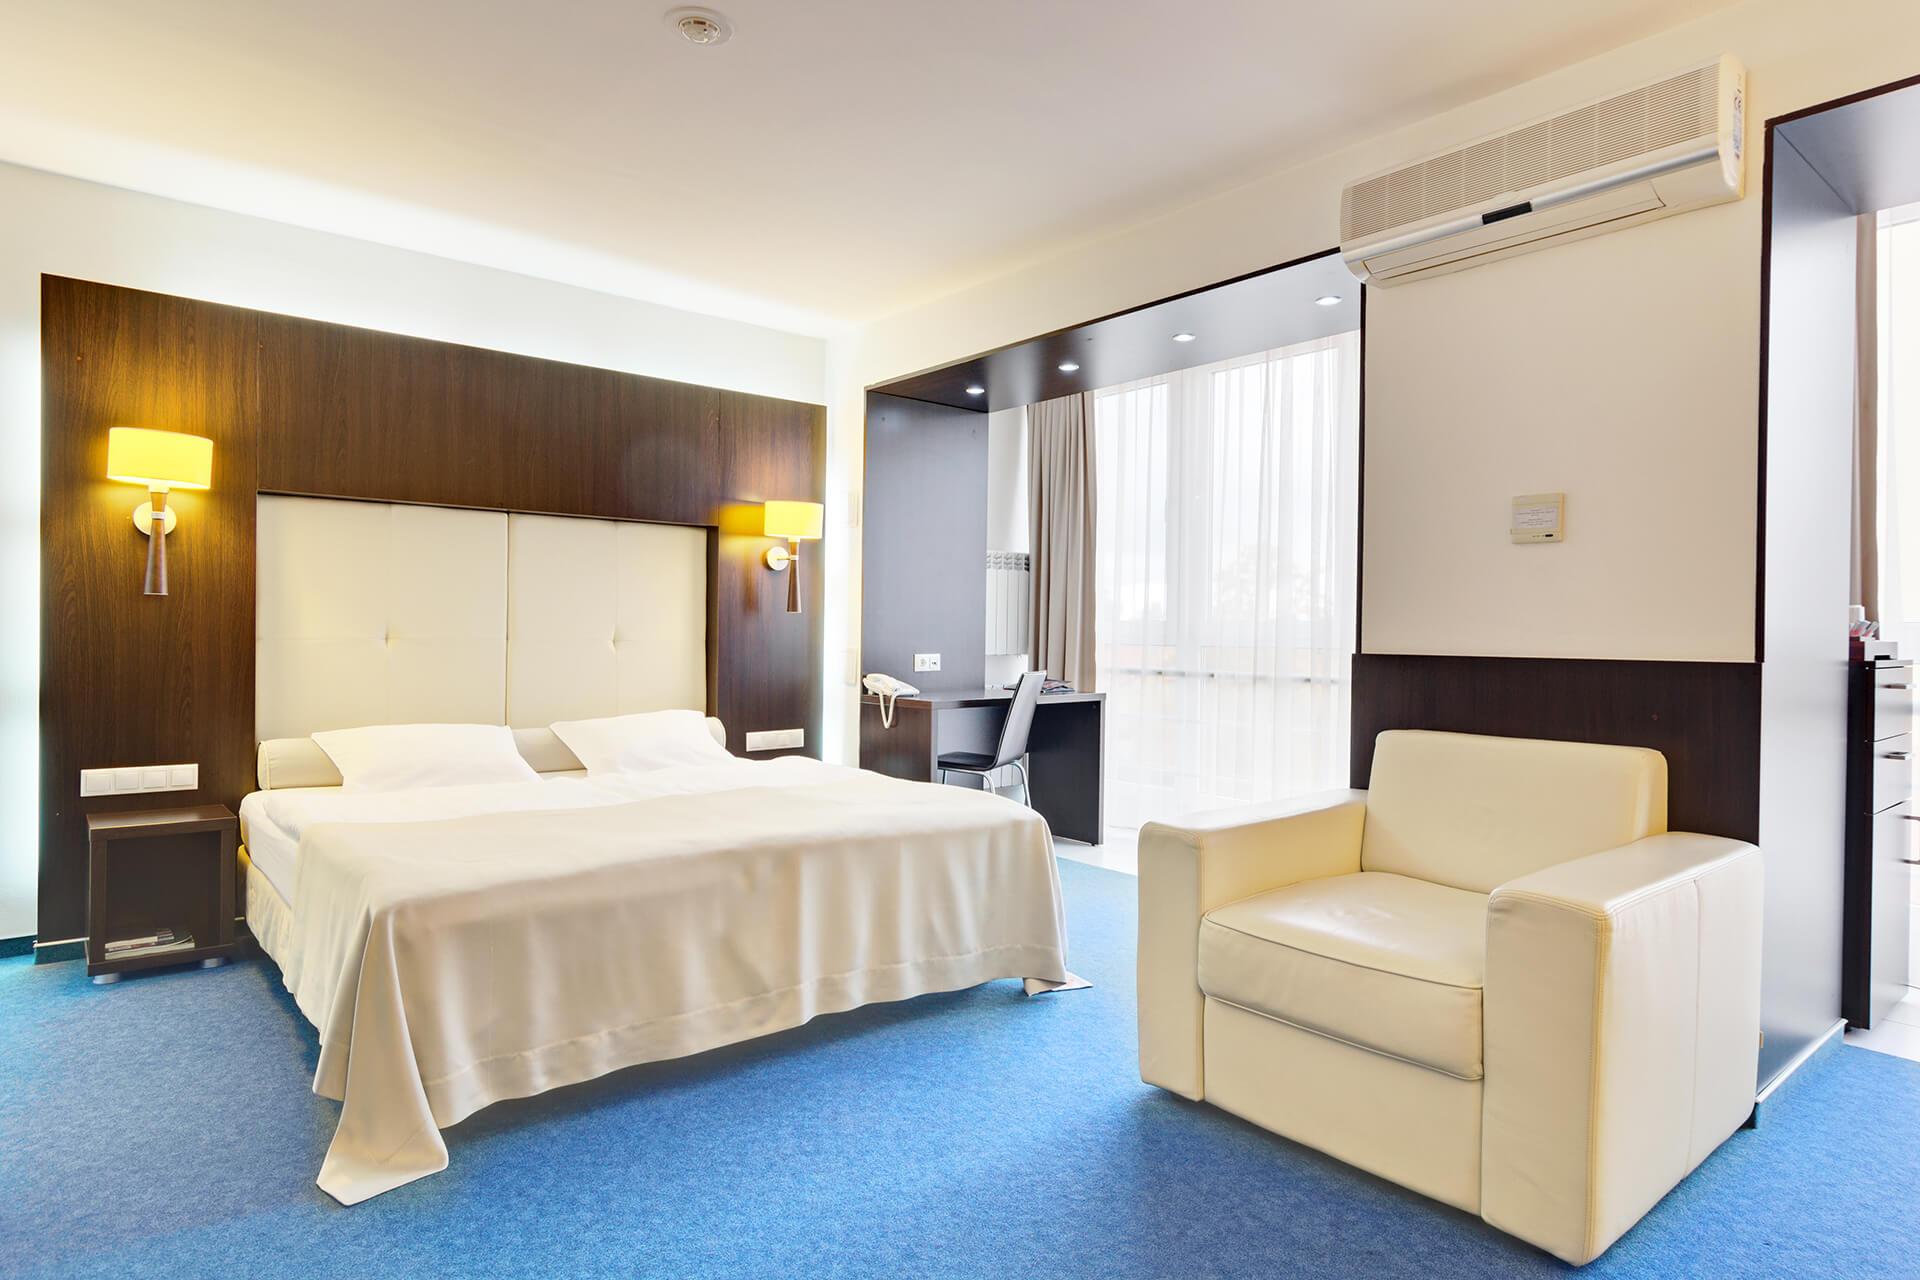 банкетный зал отеля Турист8